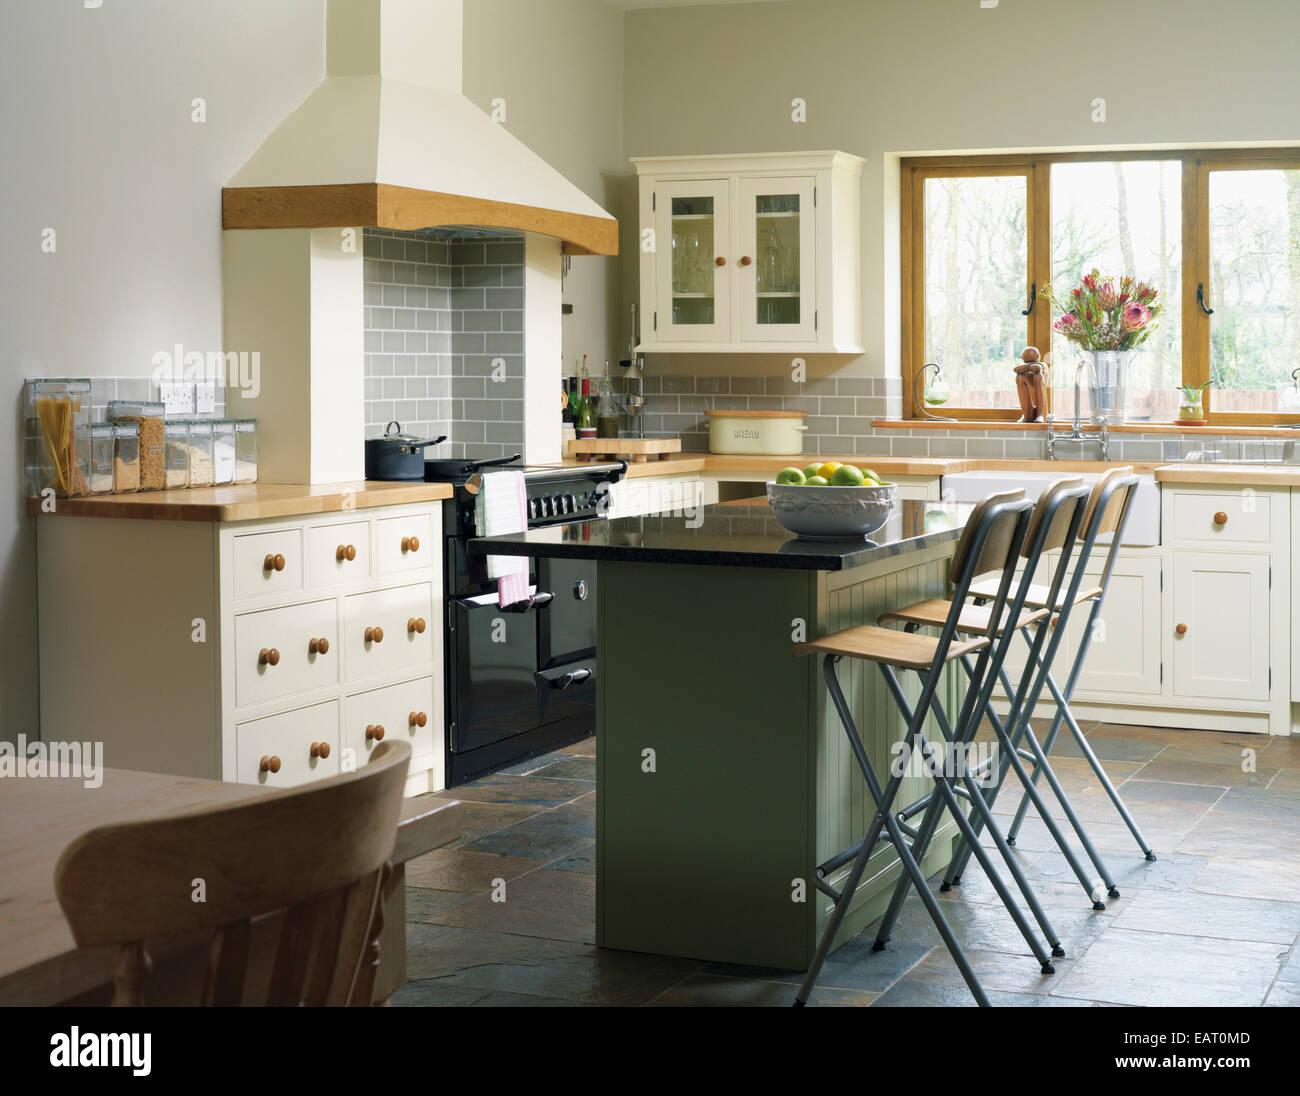 Schön Kaufen Kücheninsel Frühstücksbar Fotos - Ideen Für Die Küche ...